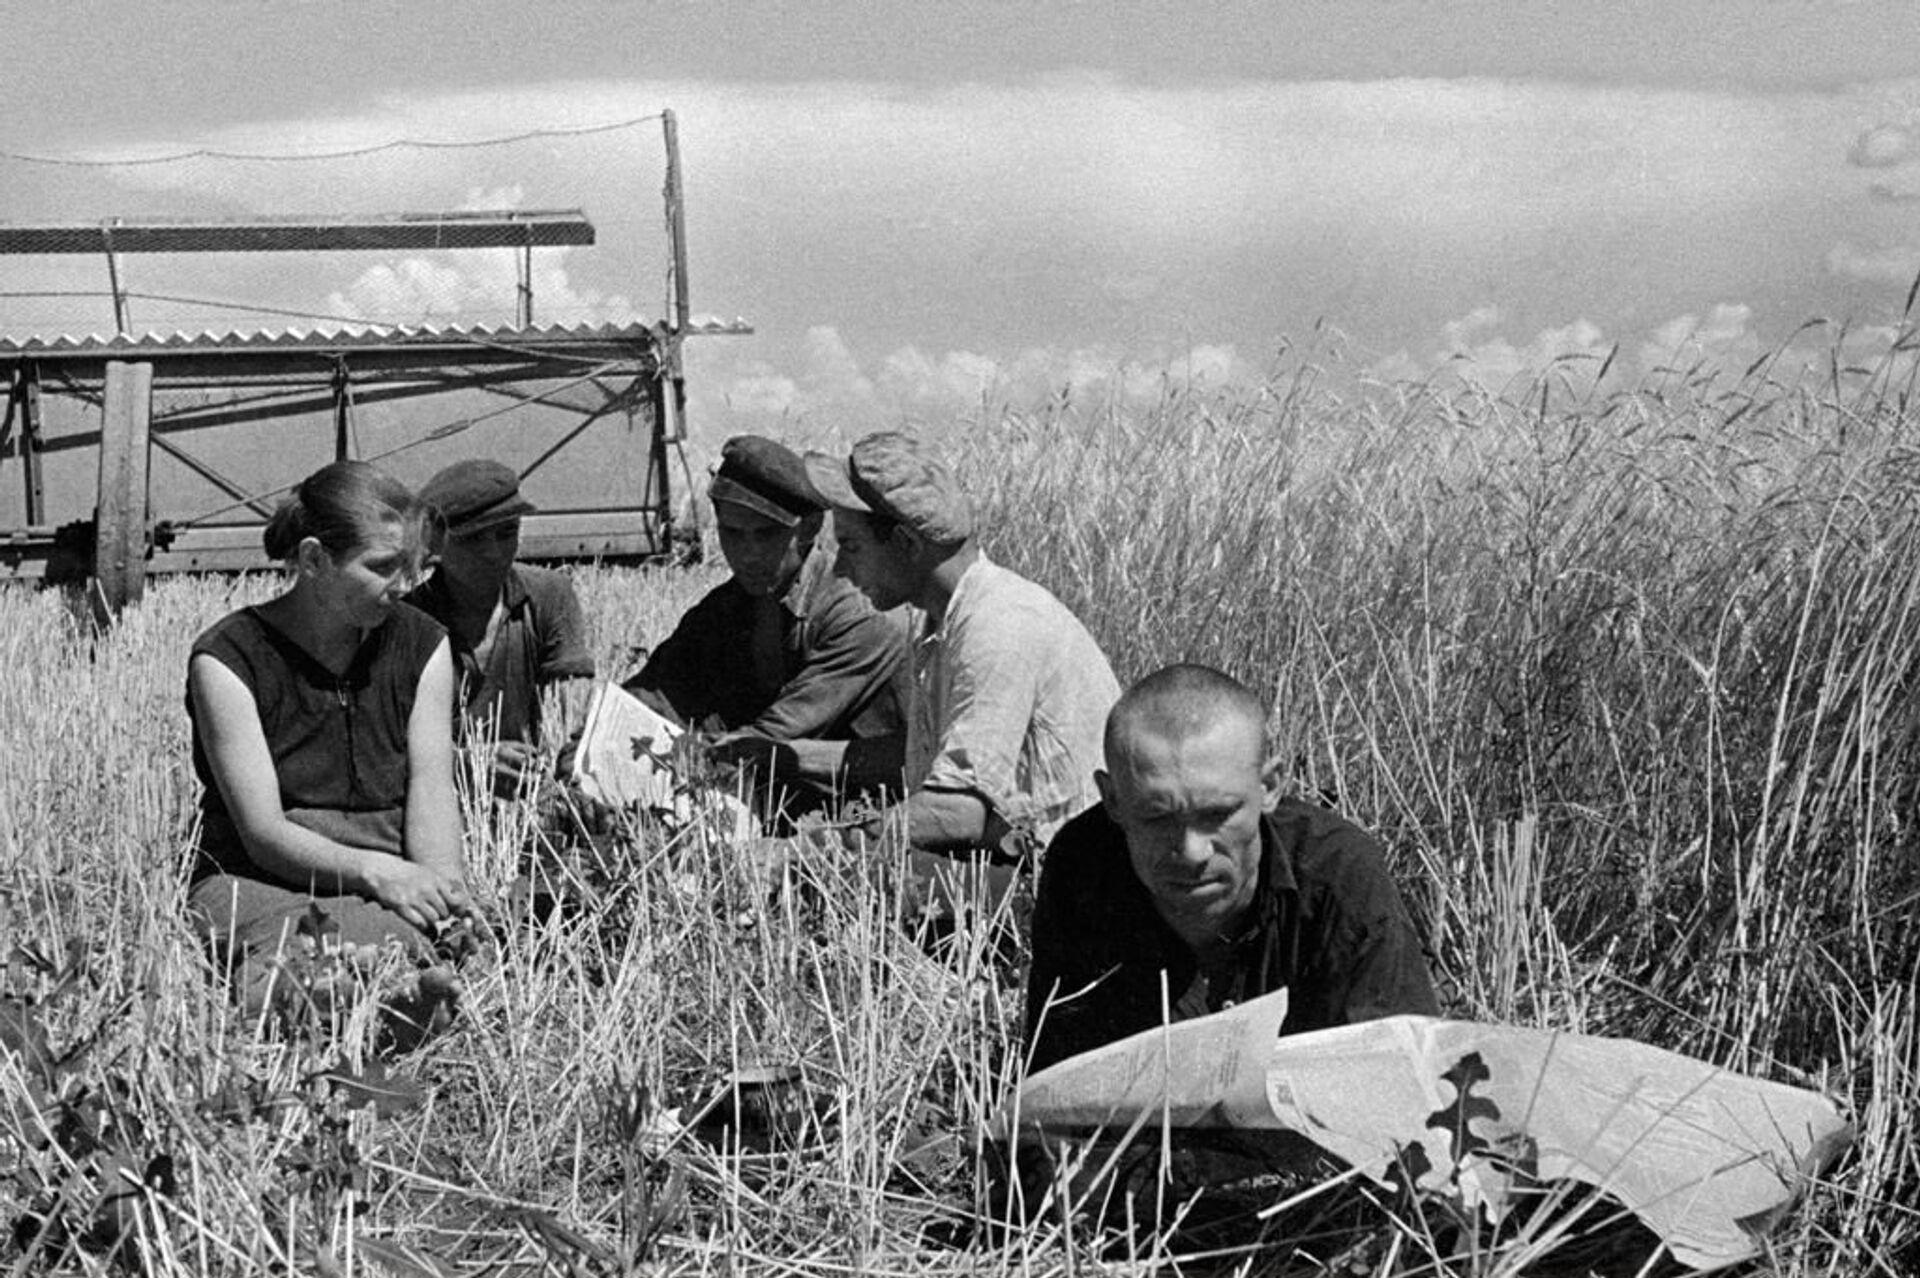 Работники зерносовхоза «Федосийский» отдыхают в поле. Крымская область, 1939 год - РИА Новости, 1920, 30.09.2020